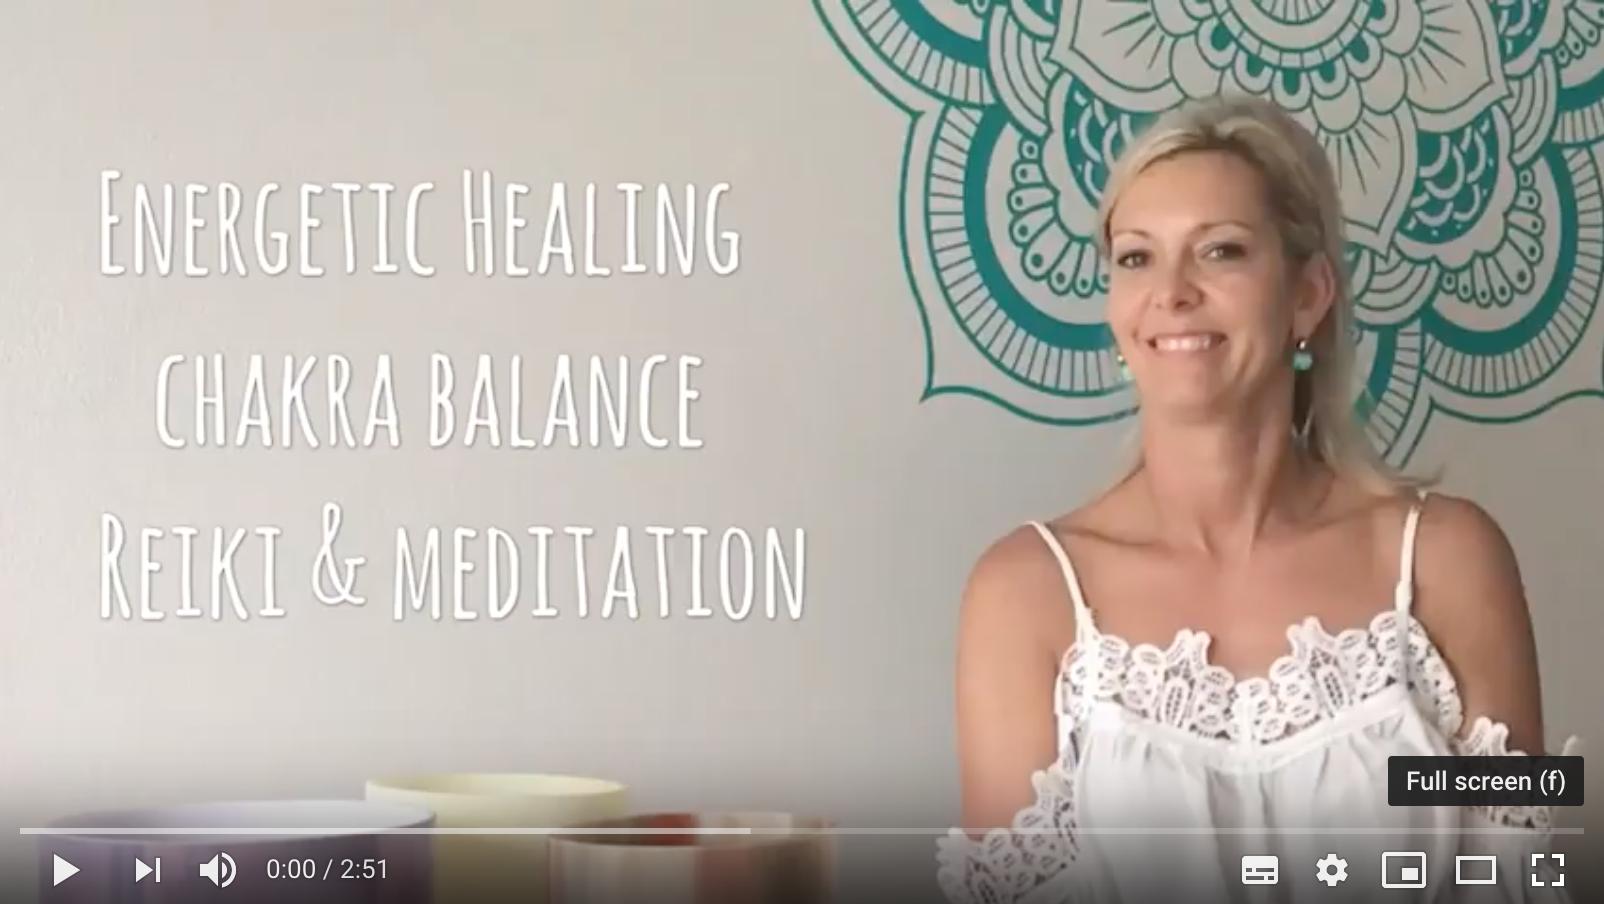 Energetic Healing Sydney